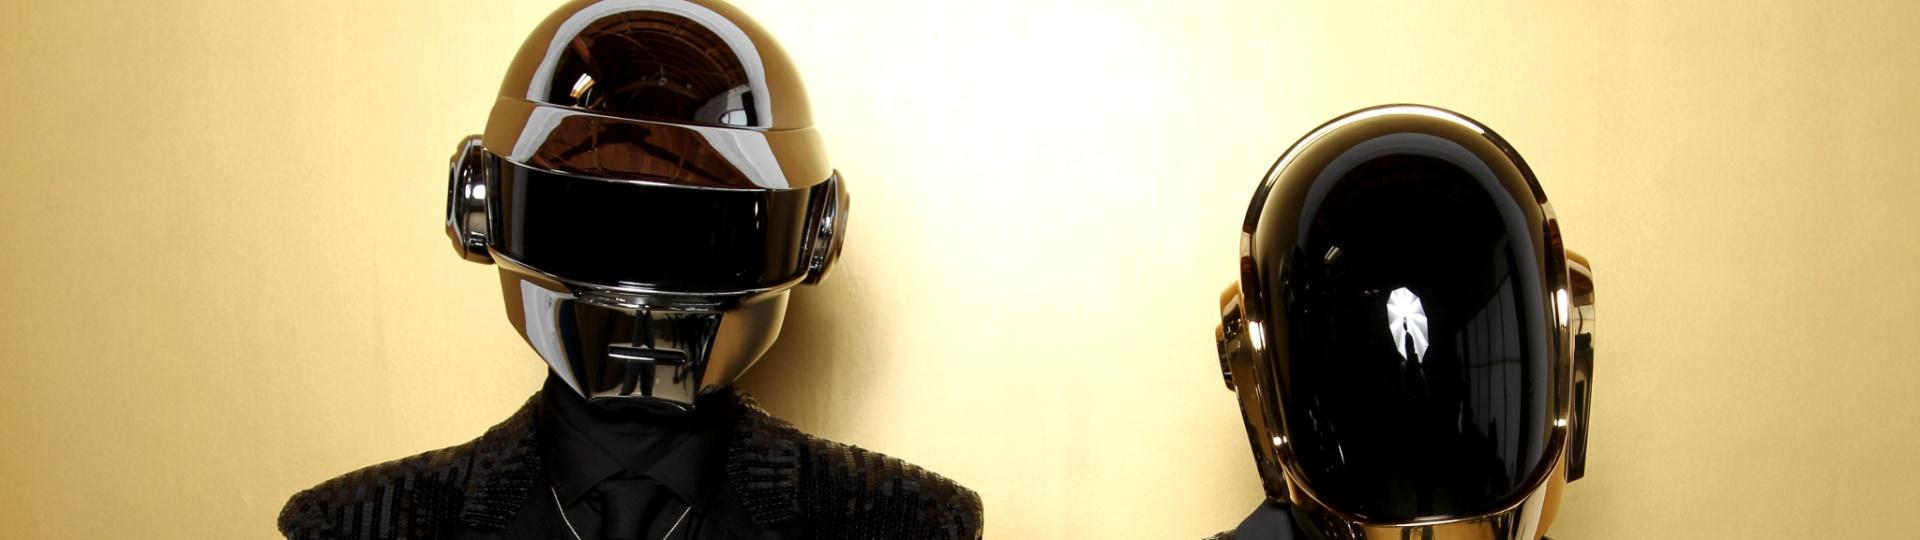 26.jan.2014 - Daft Punk vence categoria de melhor álbum de música eletrônica no Grammy 2014